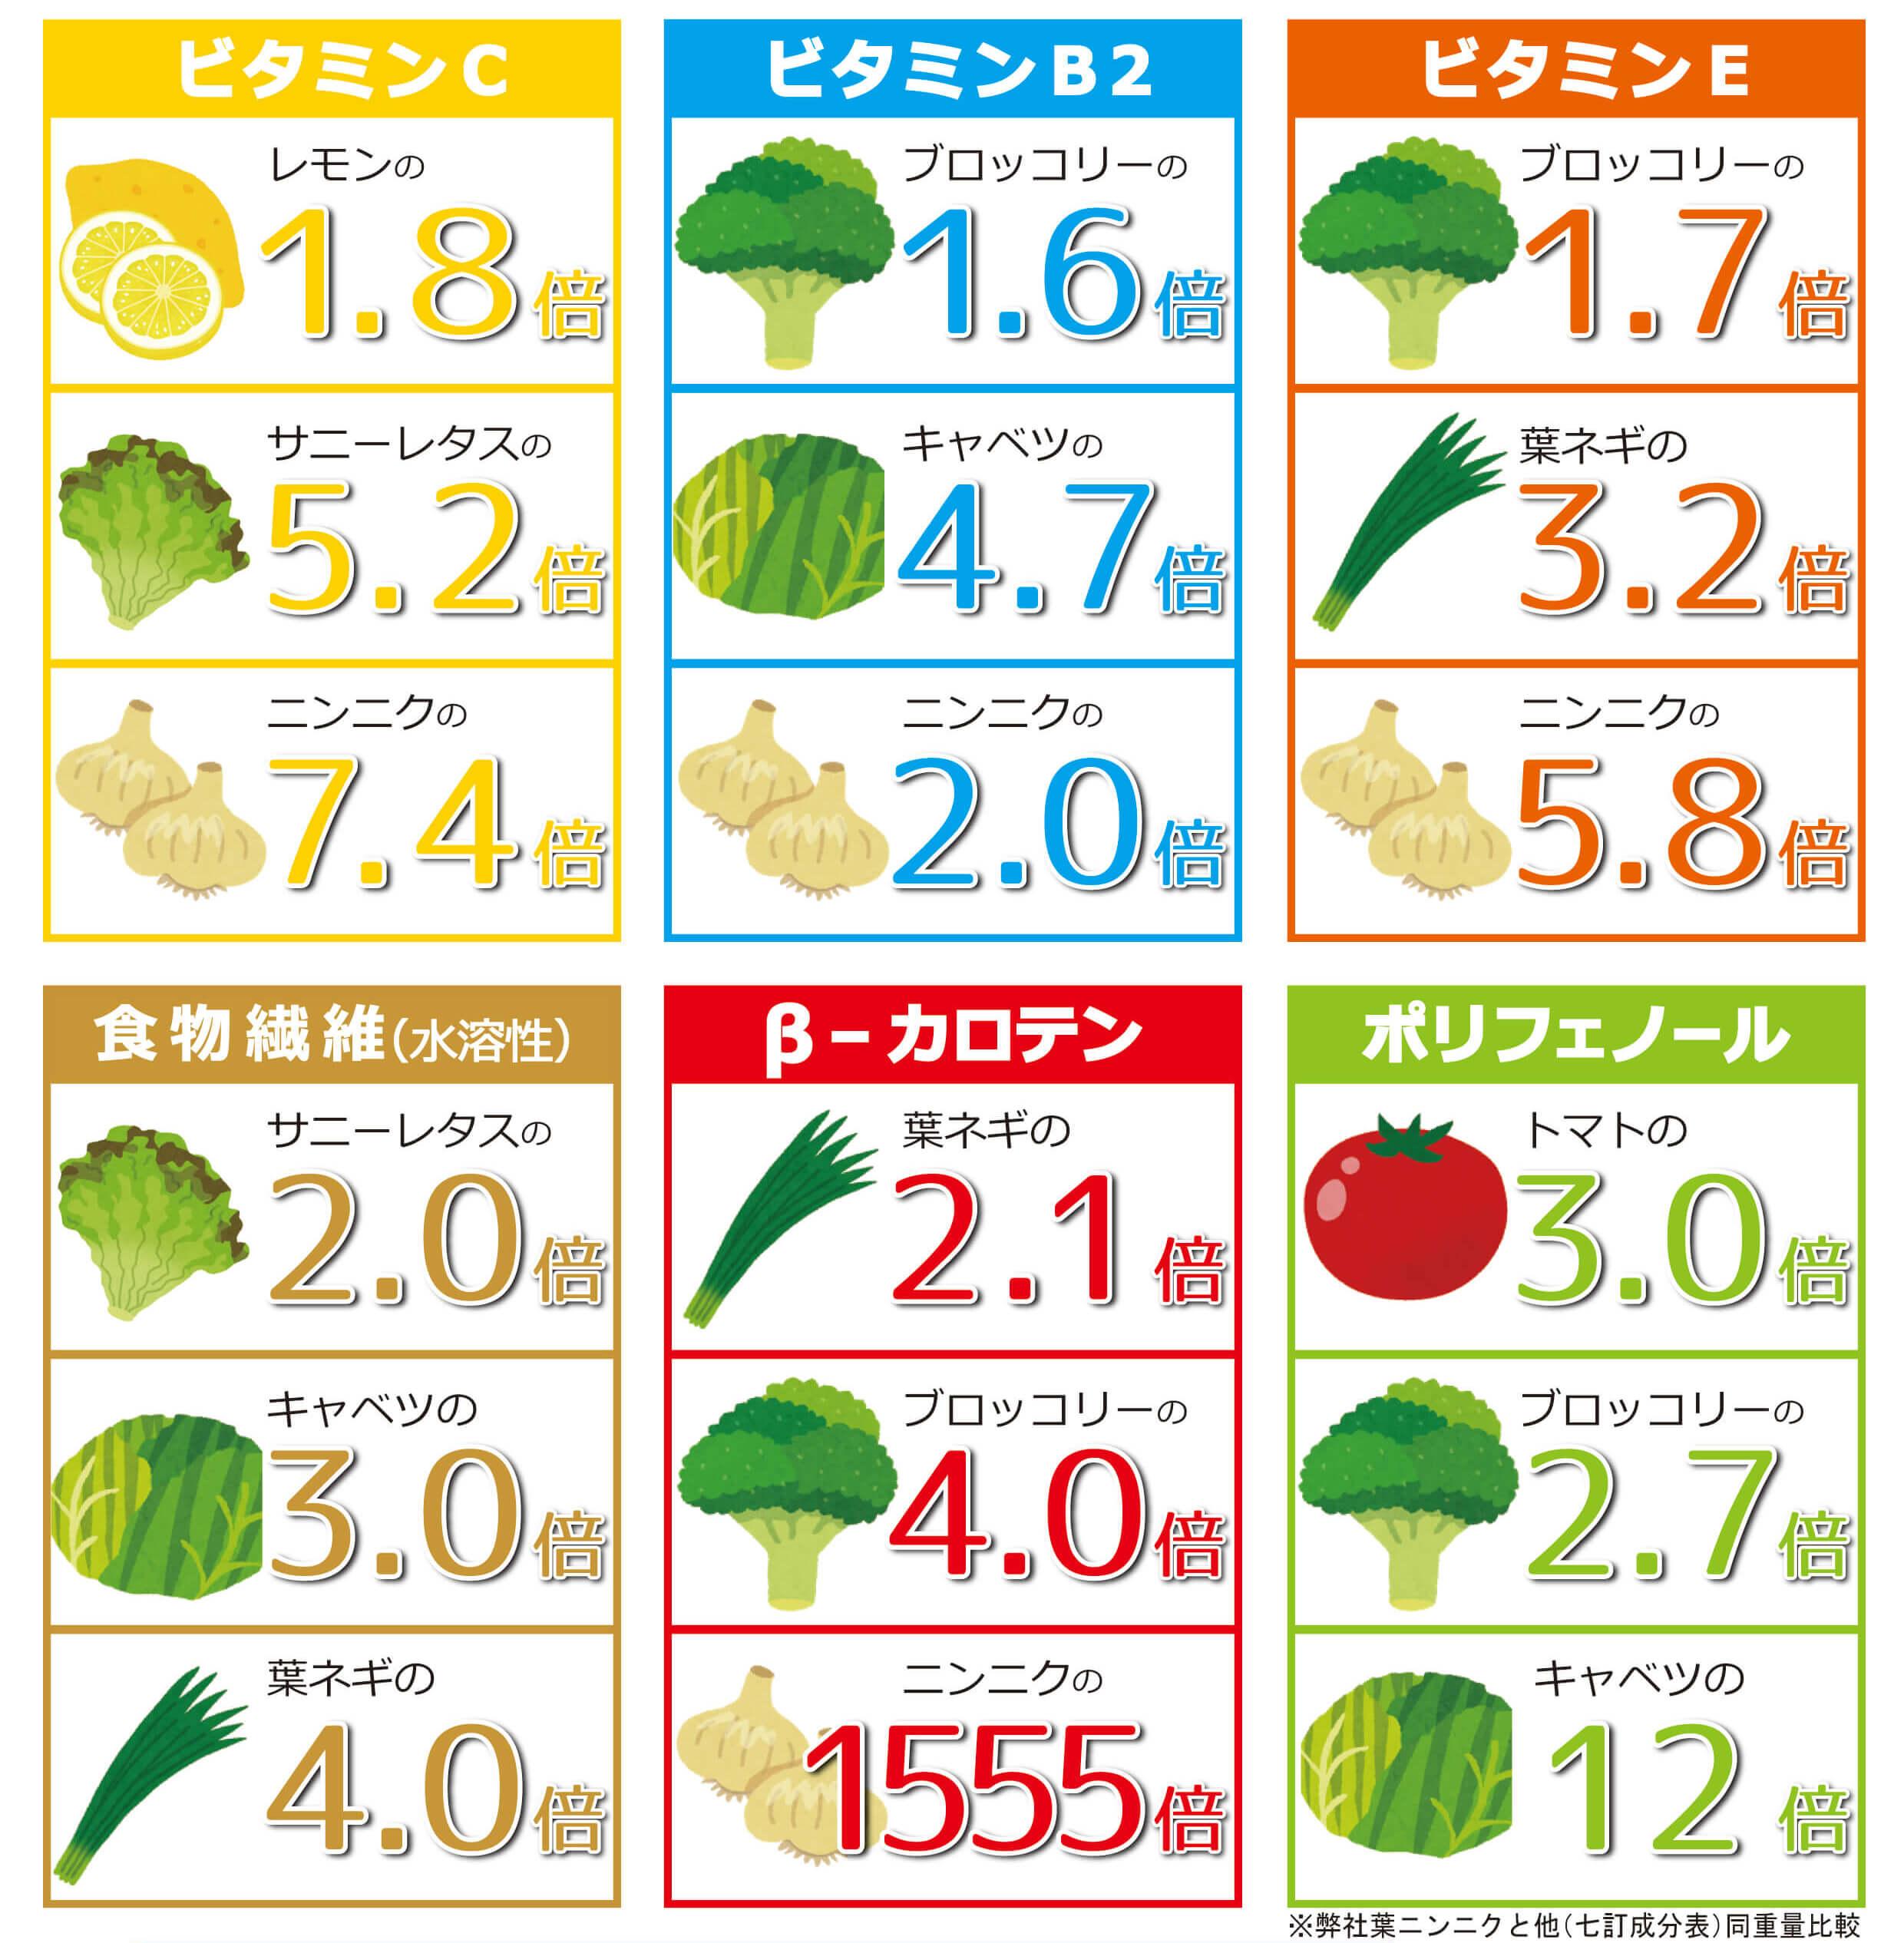 ビタミン類の栄養比較表